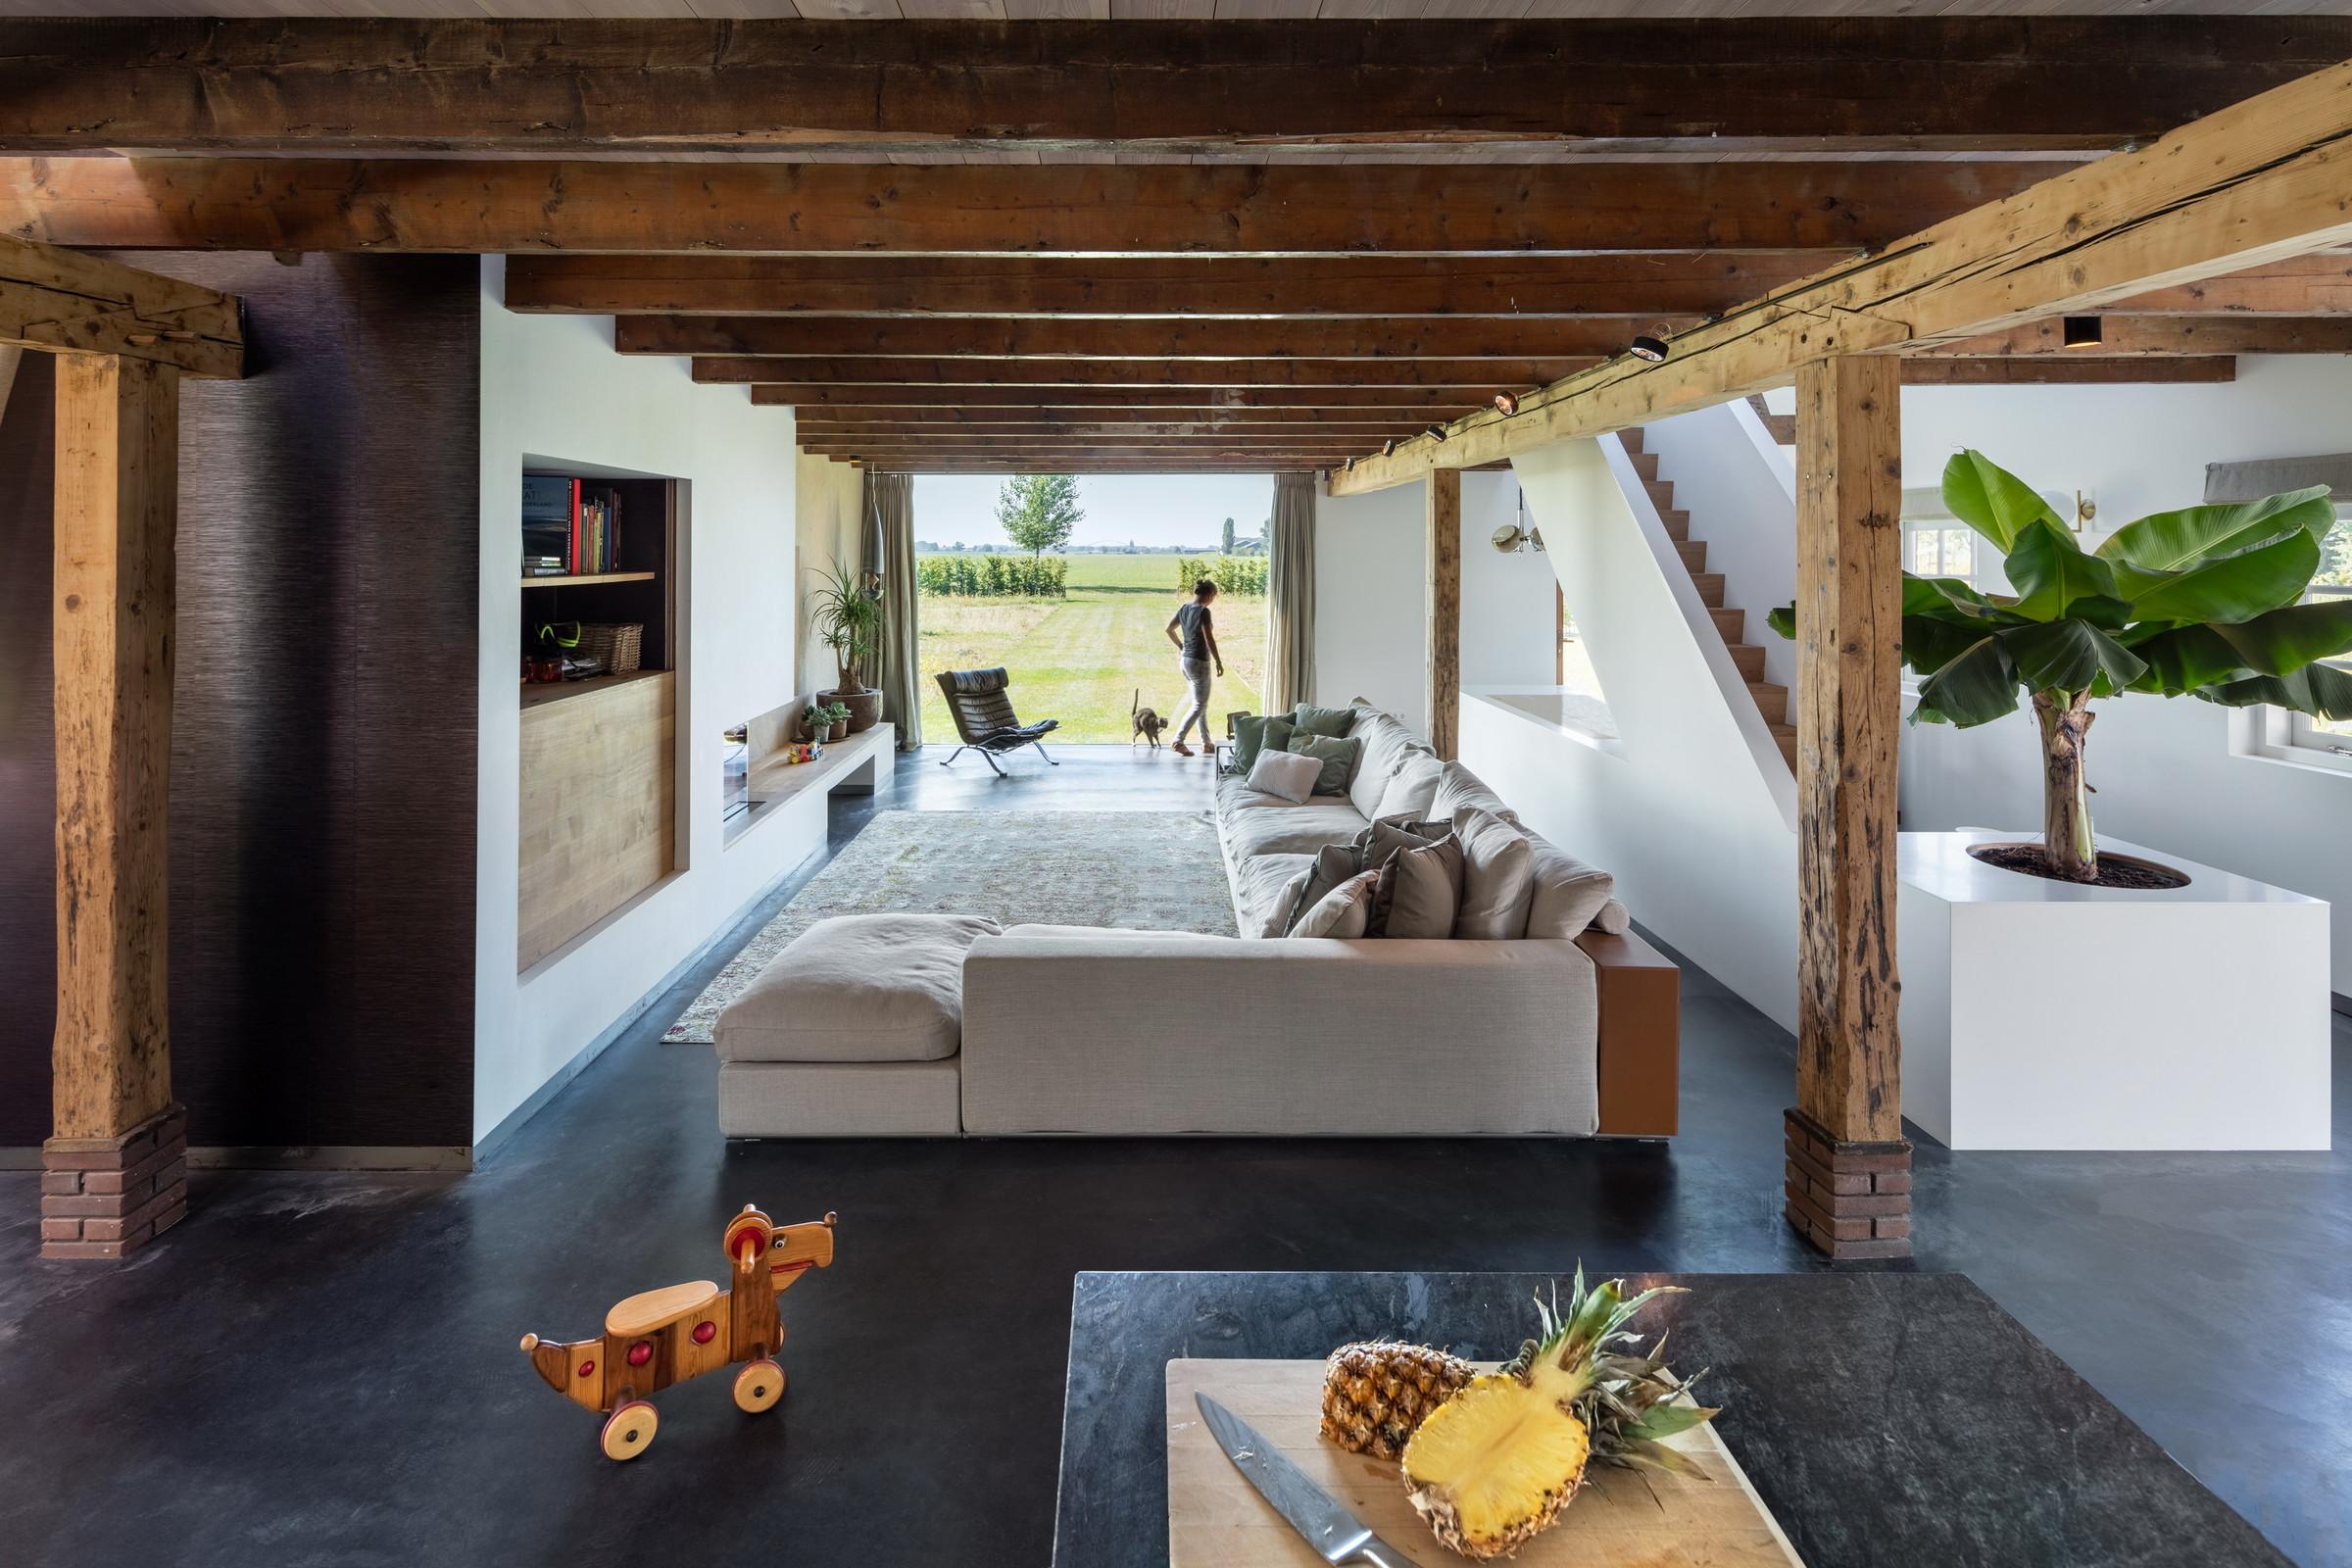 06_zecc_architecten_woonboerderij_utrecht_wood_concjpg 09_zecc_architecten_woonboerderij_utrecht_wood_conc